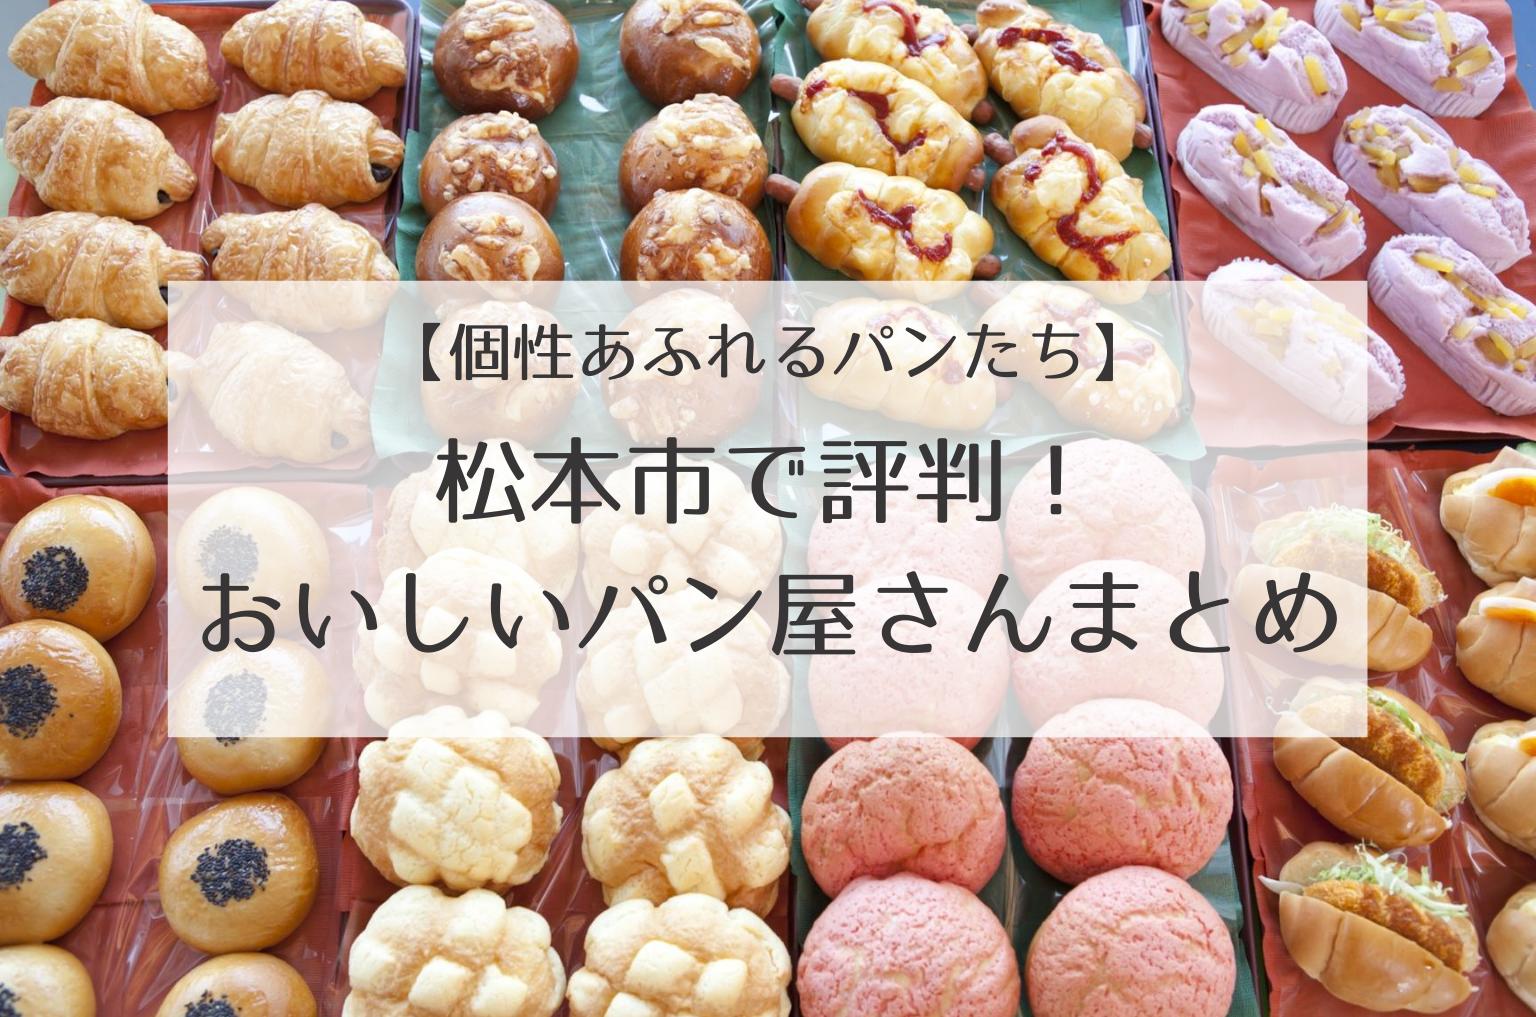 【大人気】松本市のおいしいパン屋さんまとめ